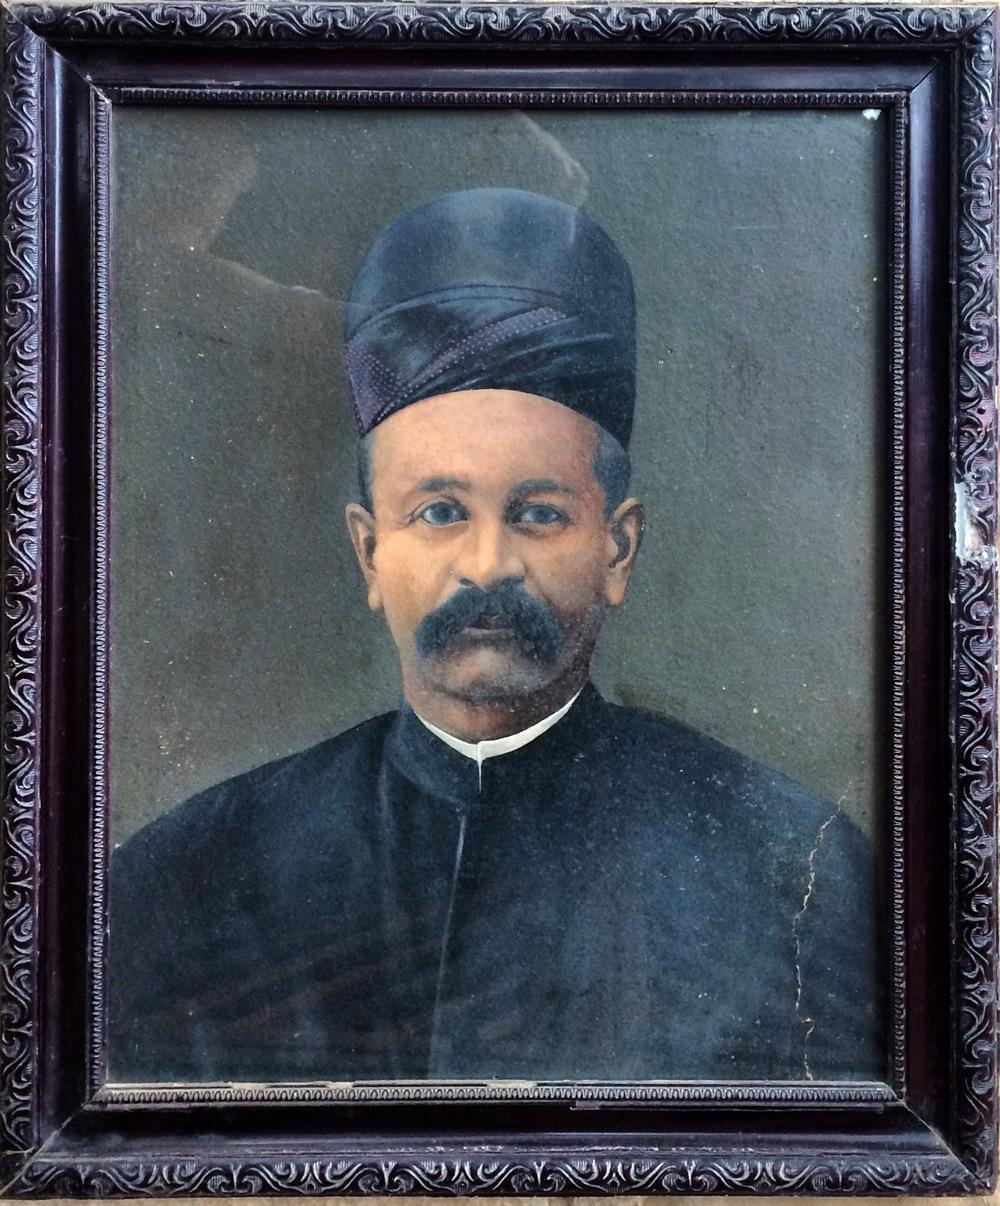 'Khan Bahadur' Pestonji Sorabji Bhujwala